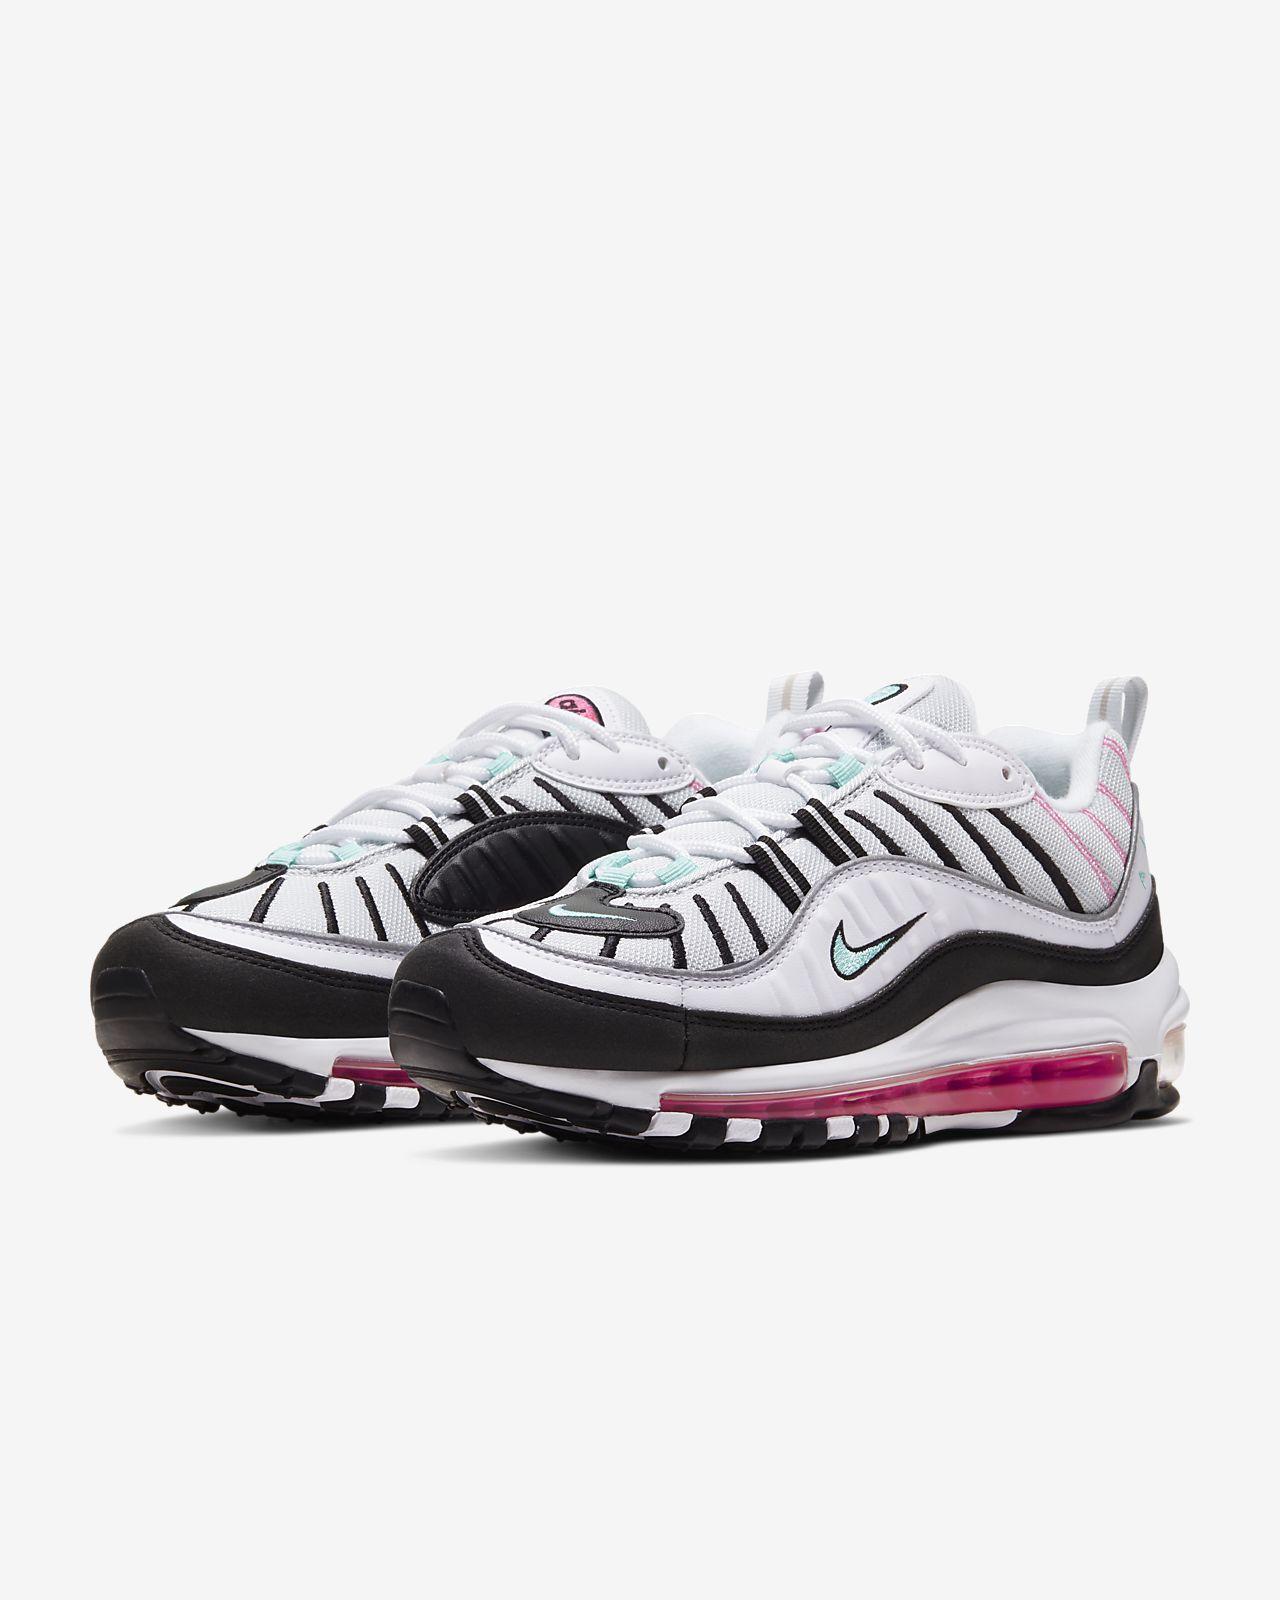 Nike WMNS Air Max 98 Trainers AH6799 103 | White